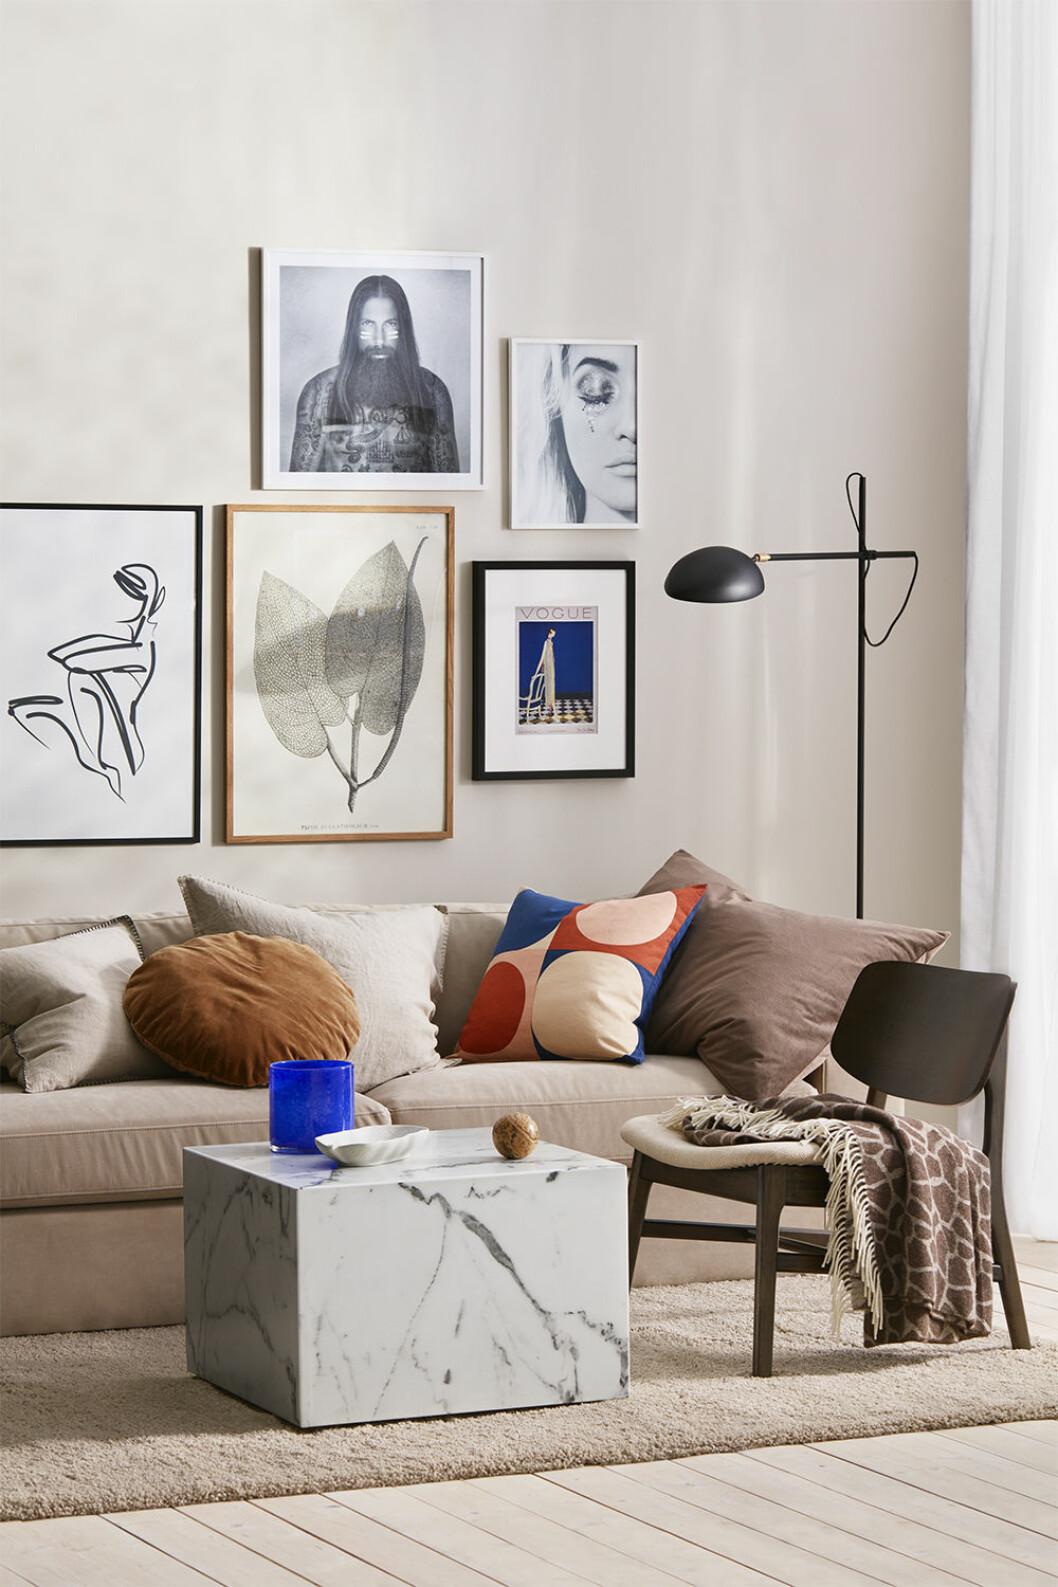 Abstrakta posters, soffa och detaljer från Ellos Homes vårkollektion 2020